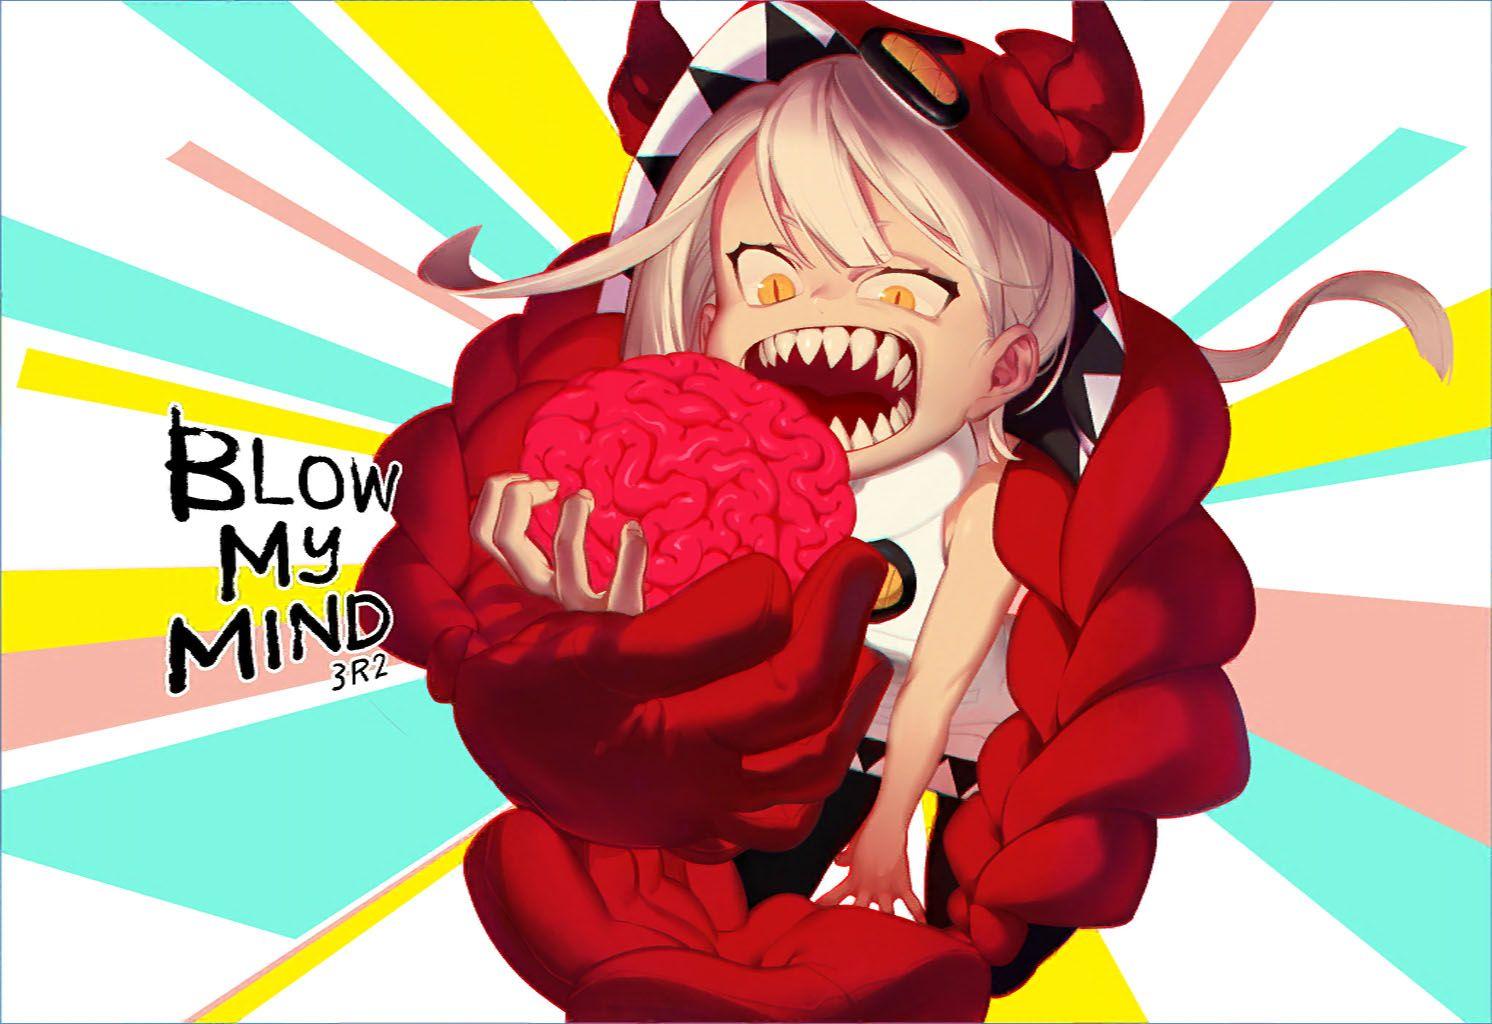 Blow My Mind リズムゲーム 絵のアイデア ゲーム